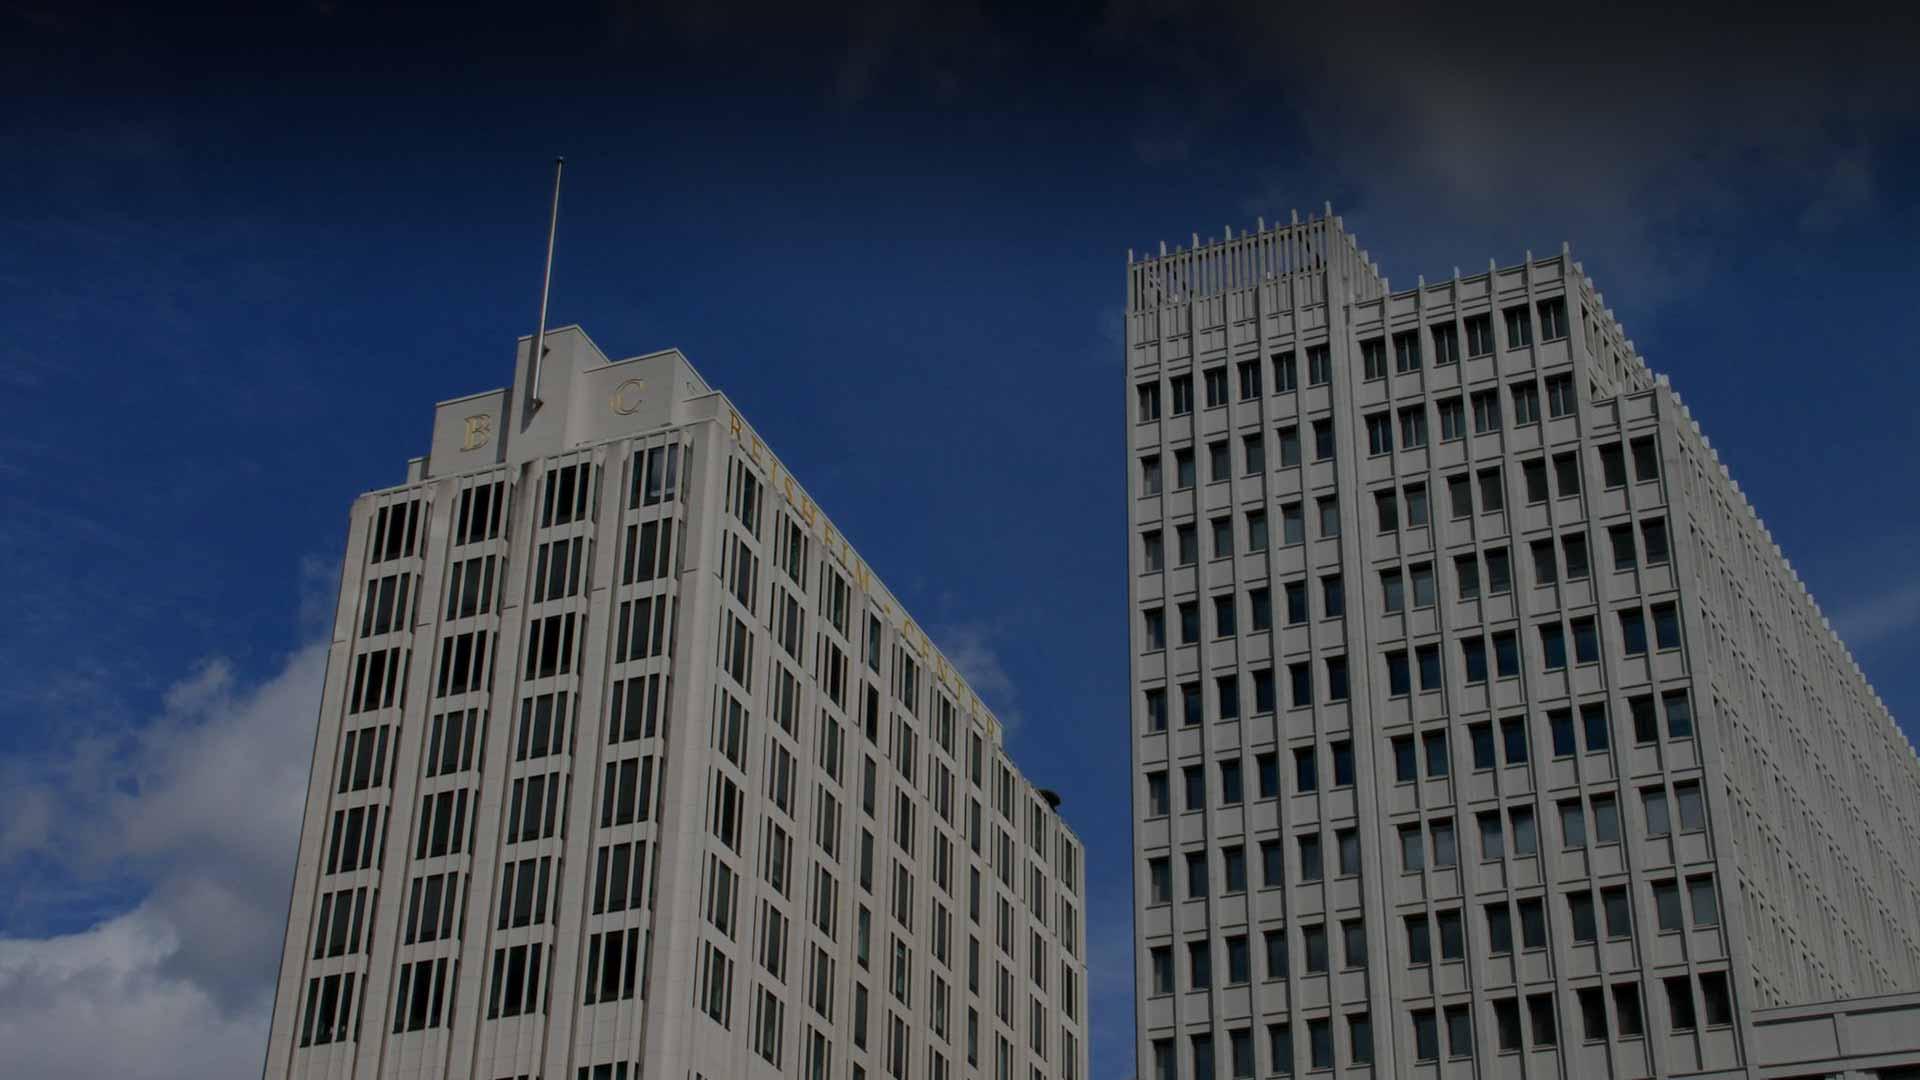 Versicherungsgutachten. Bauleistungsversicherung, Firmenhaftpflicht Schaden, Architekten- und Ingenieur-Haftpflicht, Elementarschäden, Schäden an Gebäuden, Gebäudeversicherung, ...